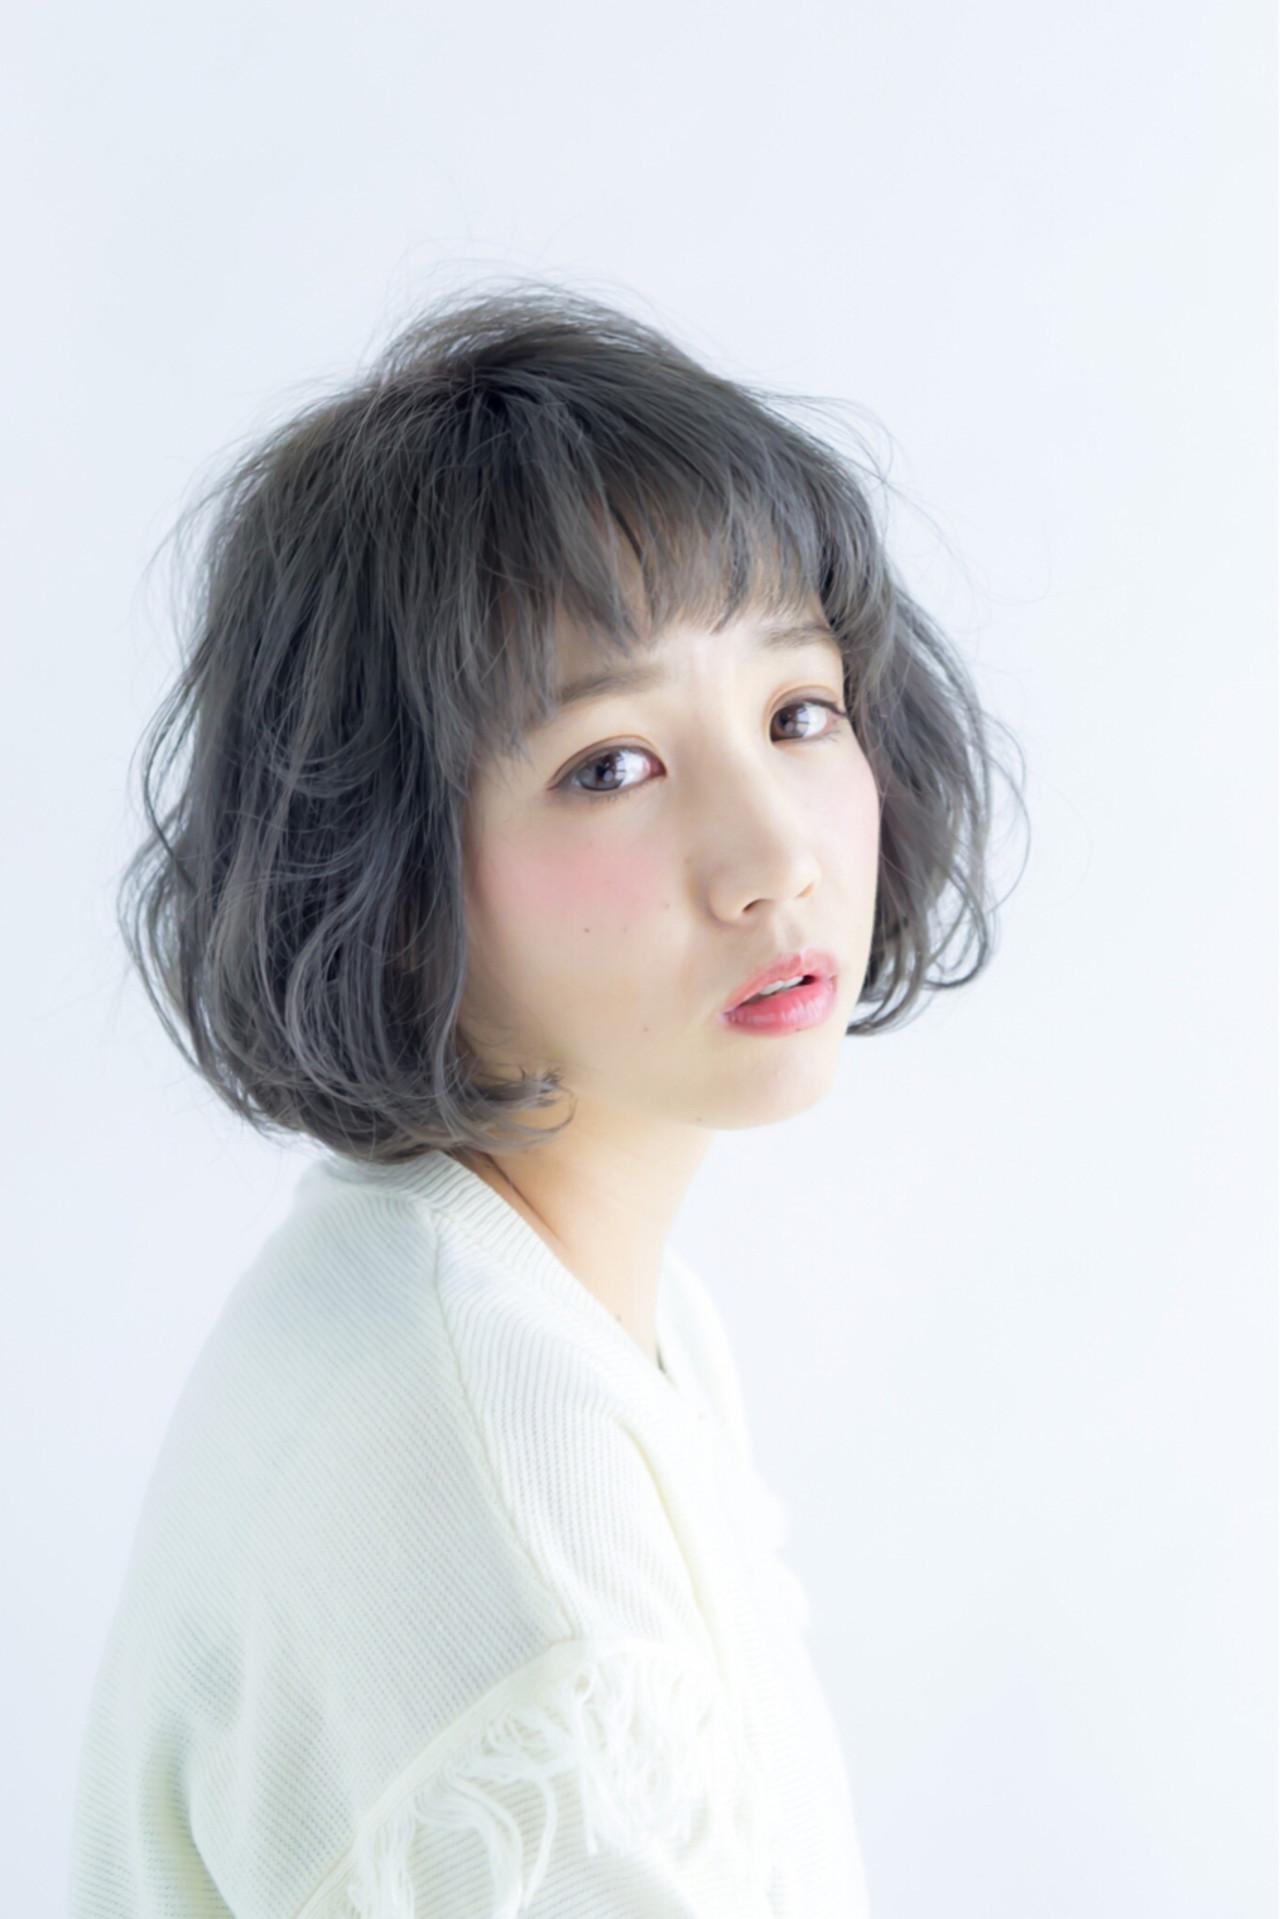 カールボブ×ショートバングならゆるかわに 三上 奈巳 | Spin hair 烏丸店